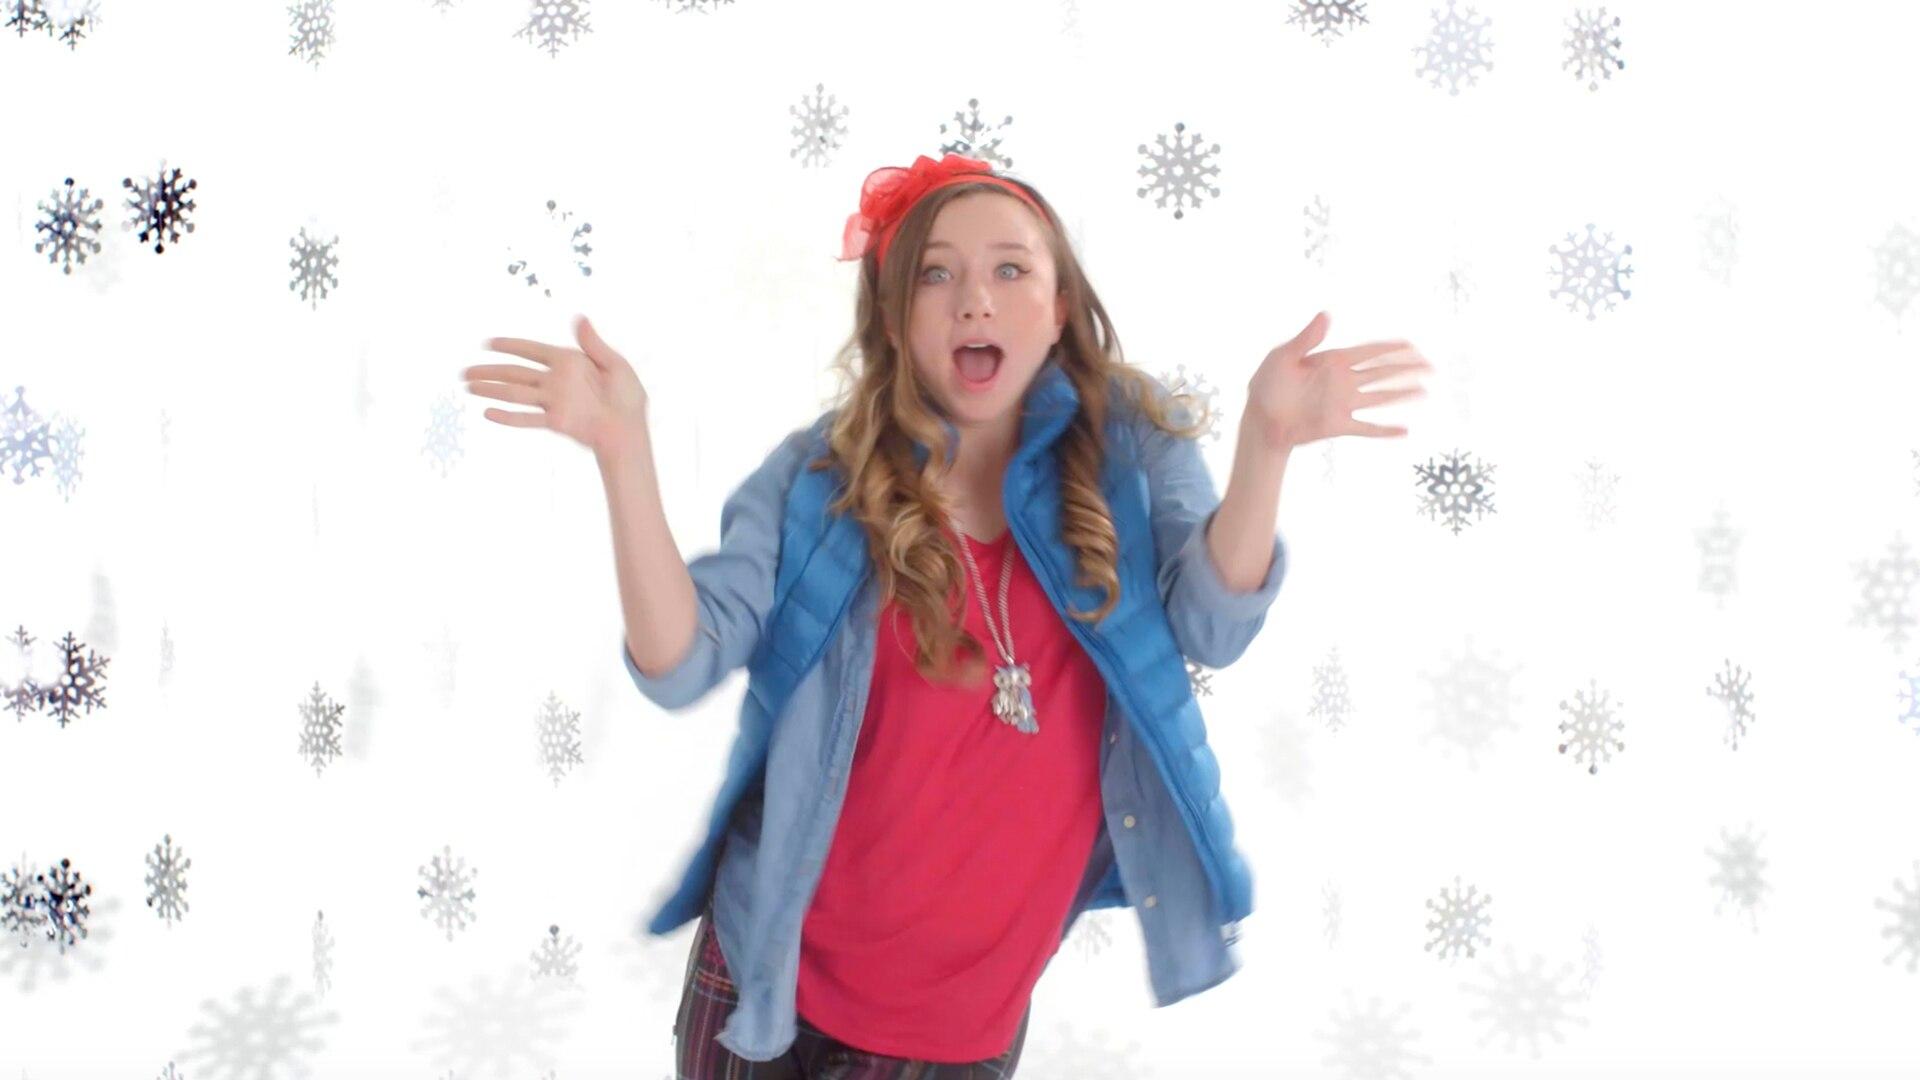 Kidz Bop Kids - Let It Snow! Let It Snow